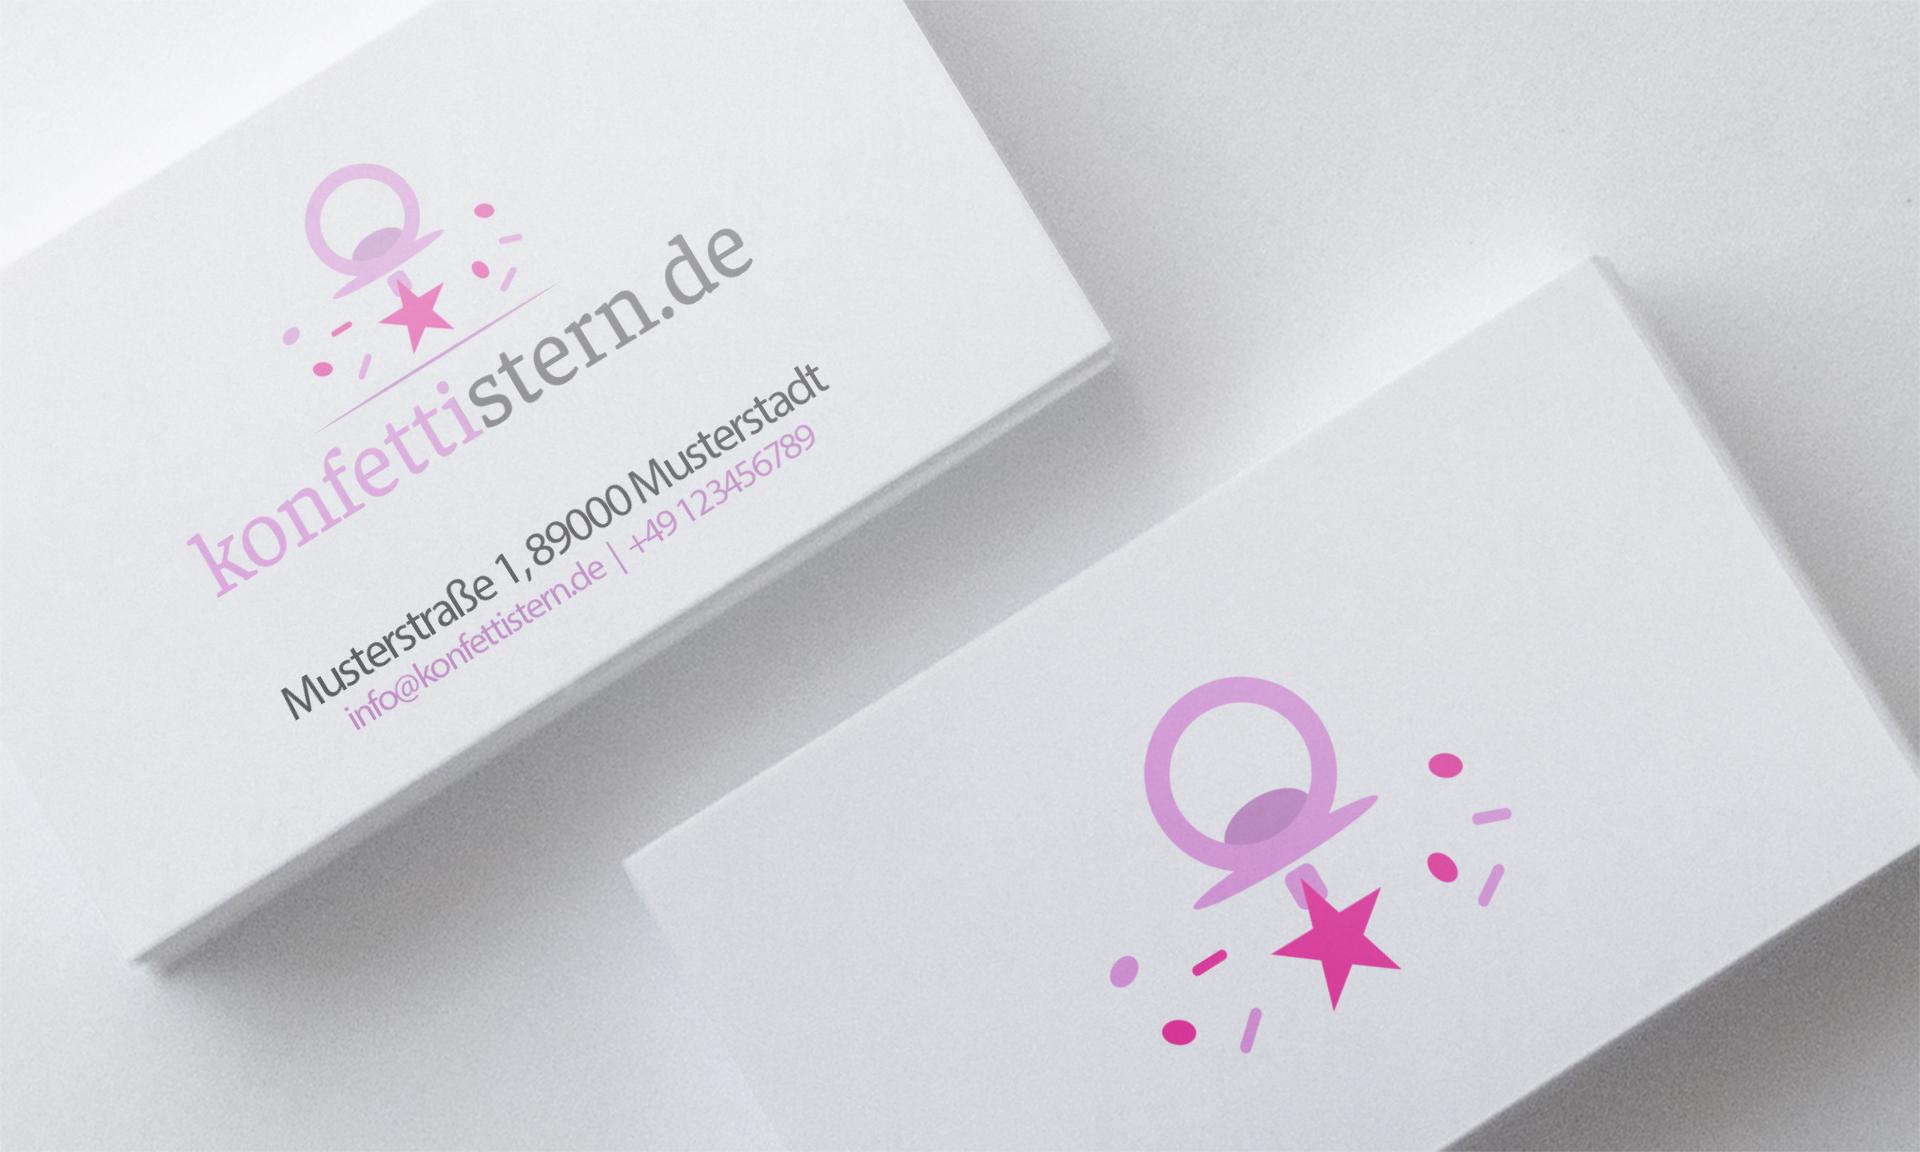 design #38 of dleitner